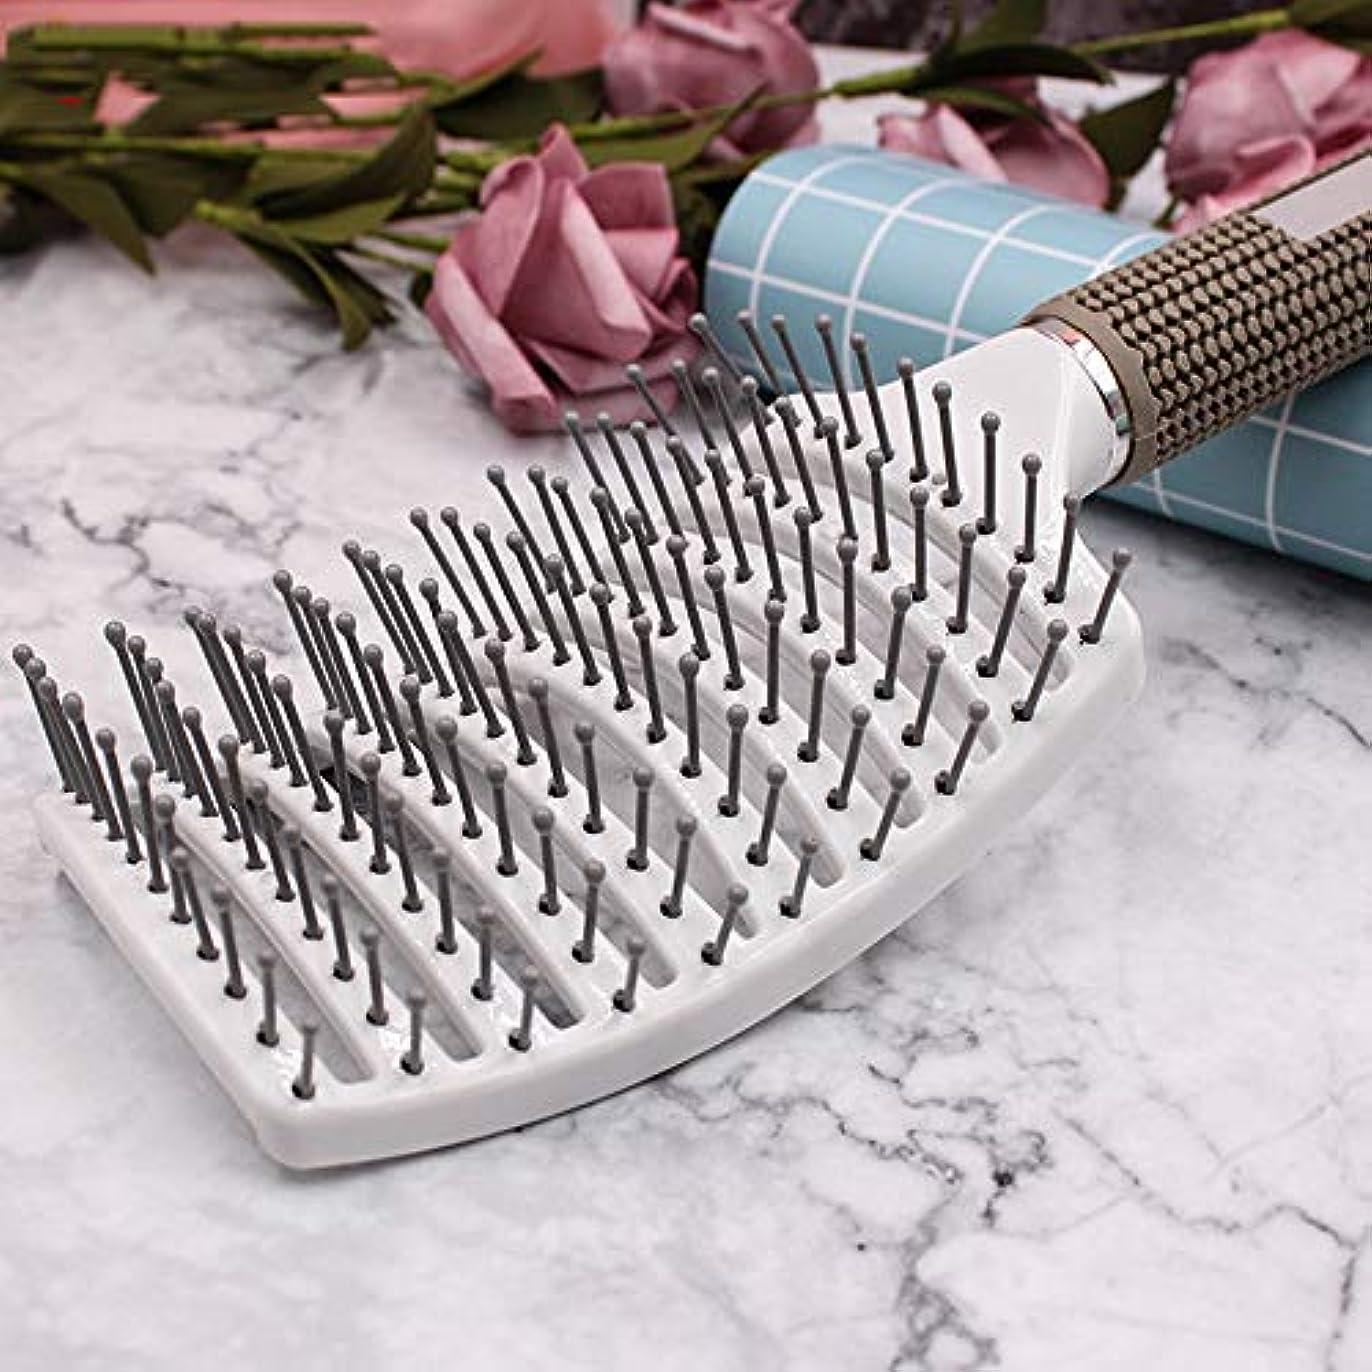 値下げ排除する概要ヘアブラシ帯電防止女性理髪大きな曲線櫛マッサージ大プレート櫛,White